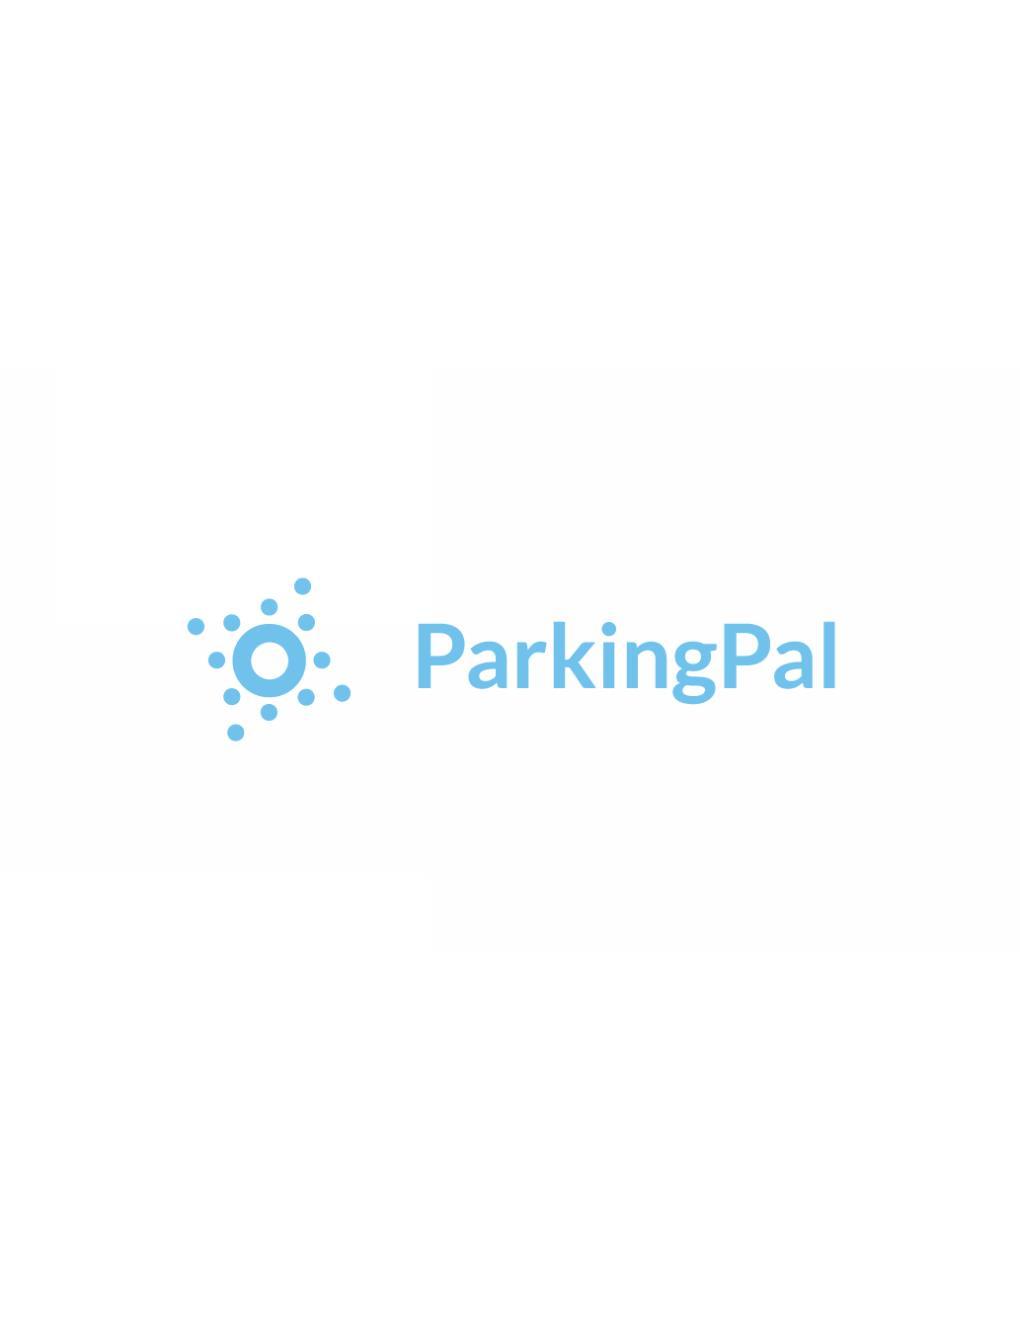 ParkingPal Logo